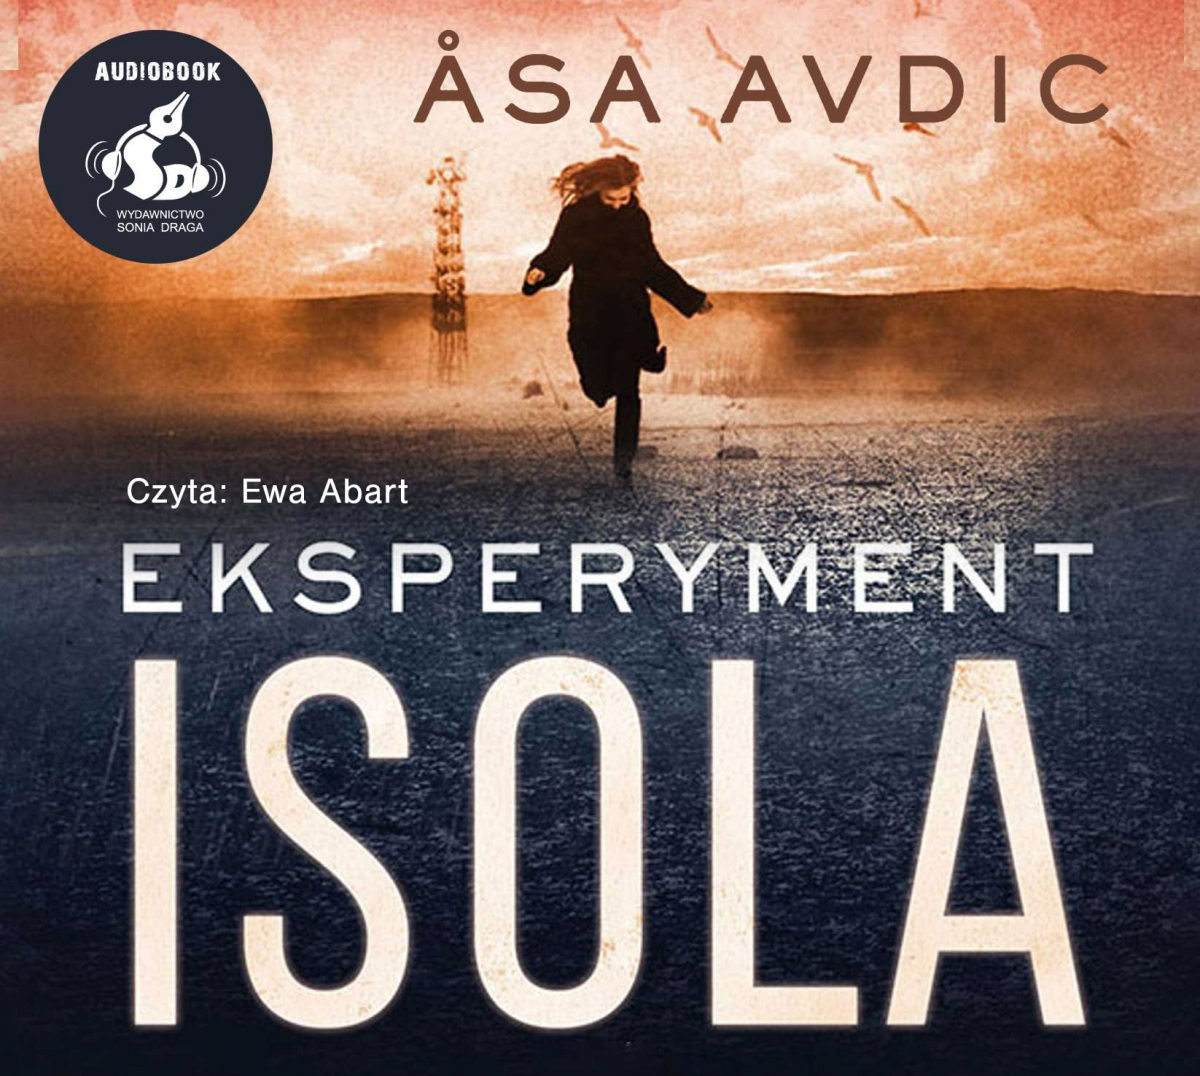 Avdic Asa – Eksperyment Isola